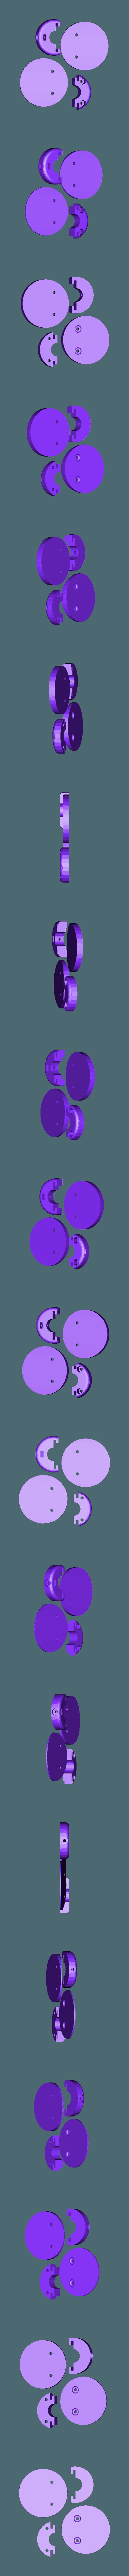 Extremos_de_caja_para_tubo_de_22mm.stl Download free STL file Filament box project • 3D printable design, raulrrojas